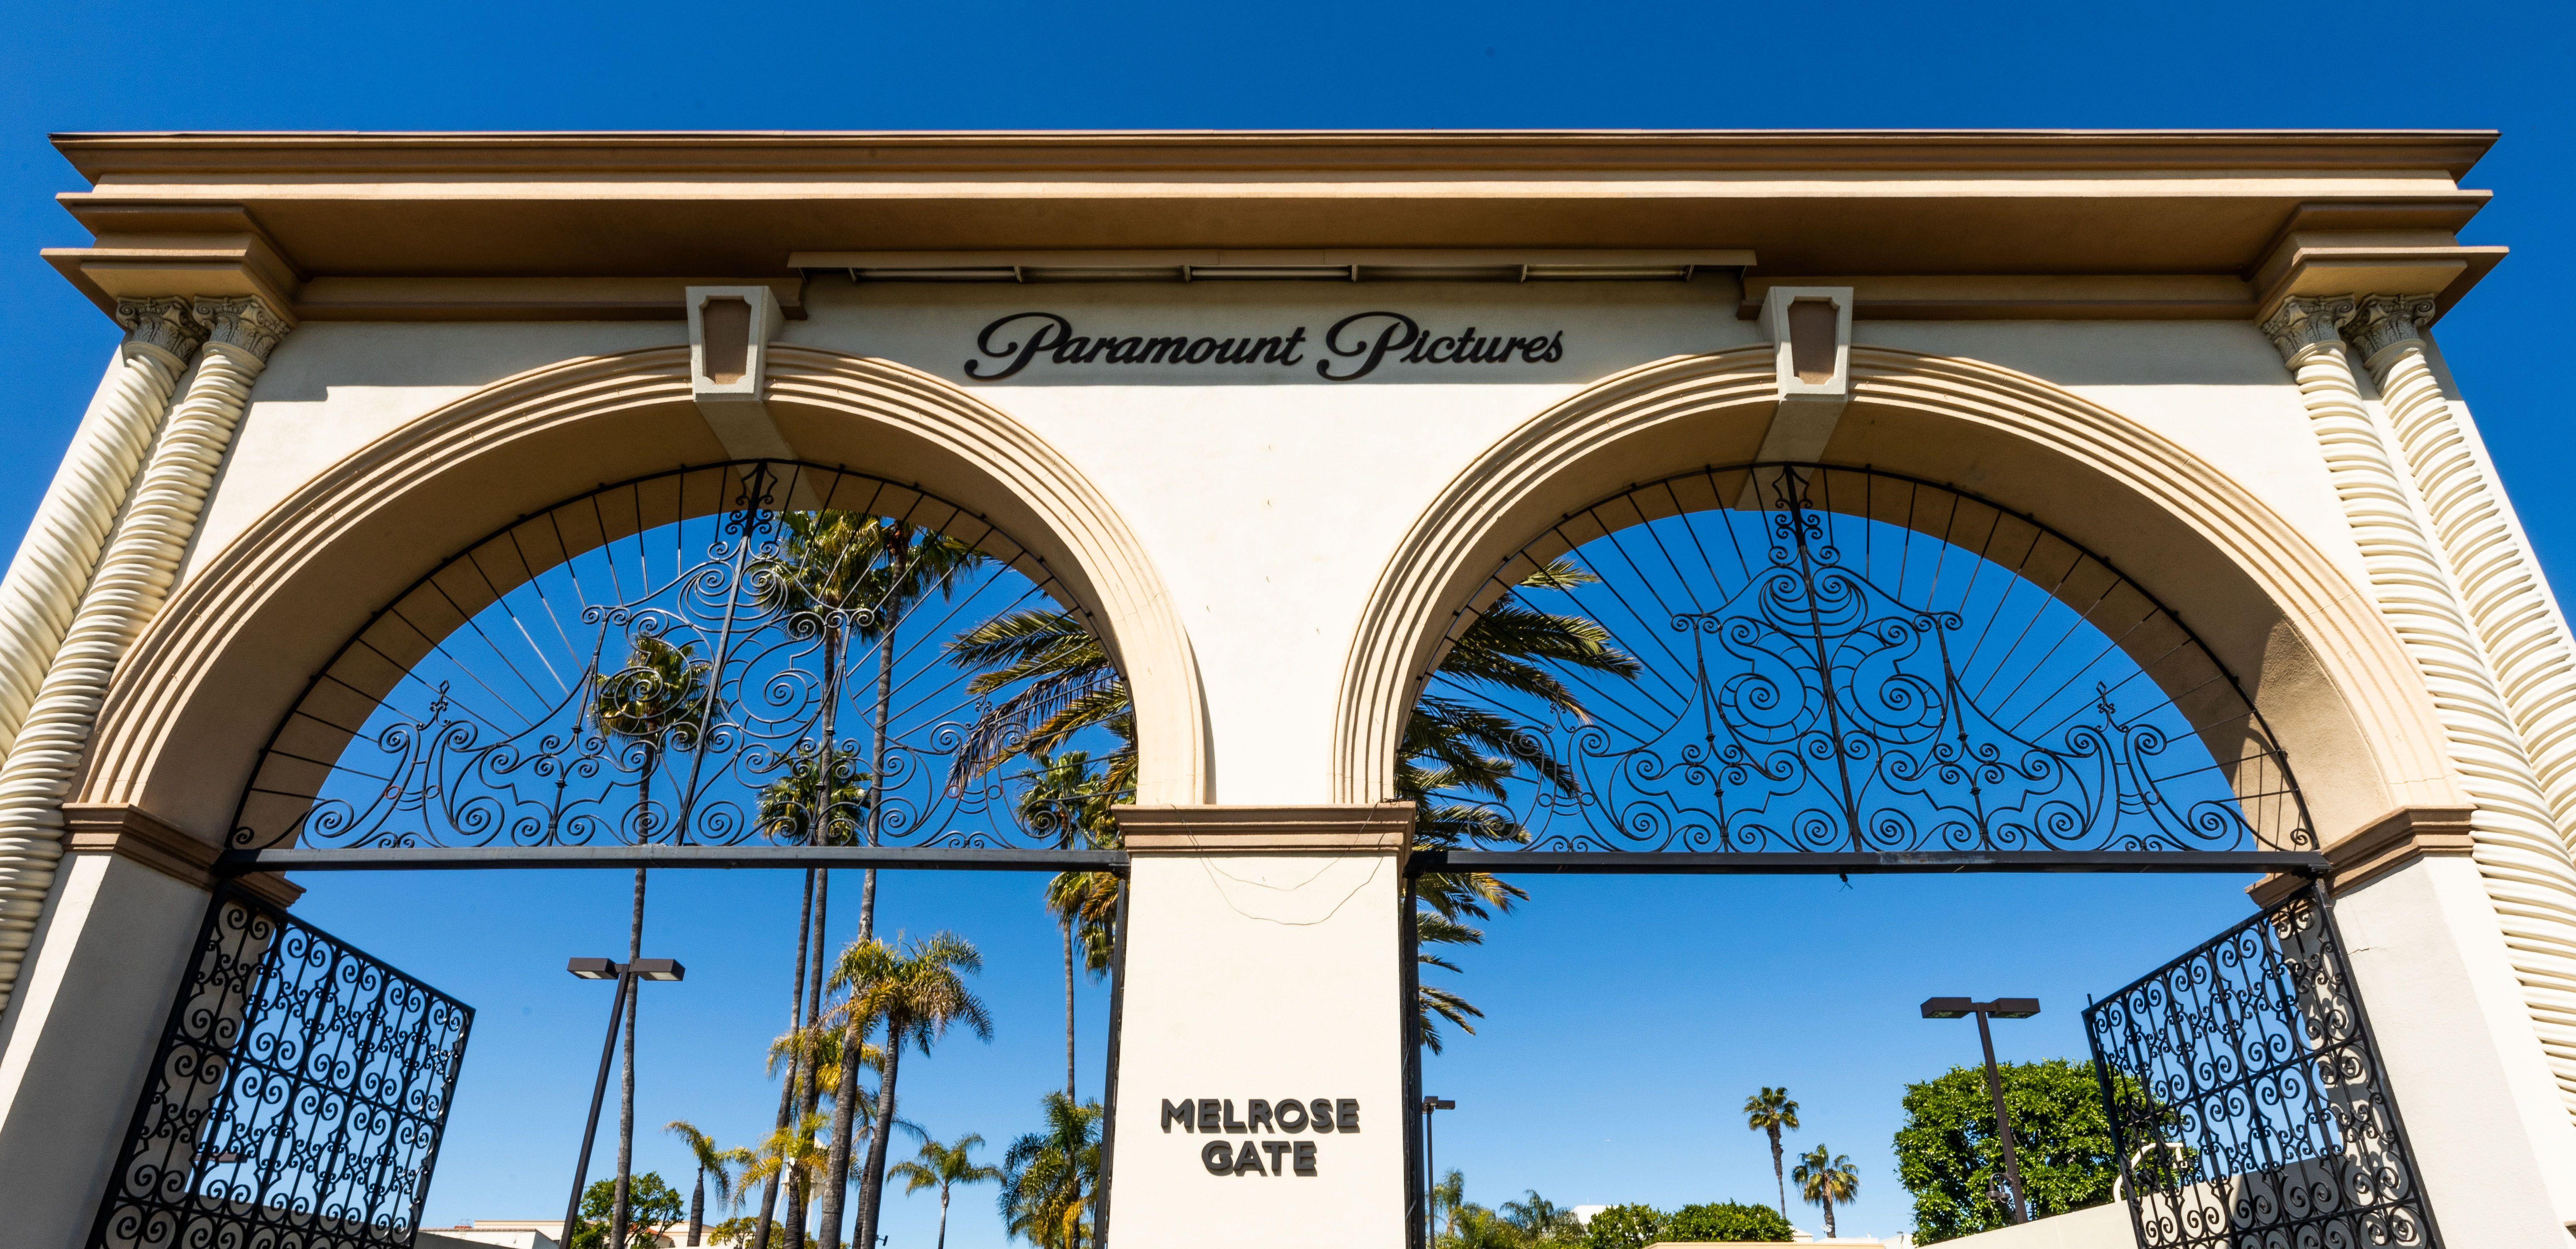 Paramount Studios tour July 2018 - YouTube   Paramount Studios Tour